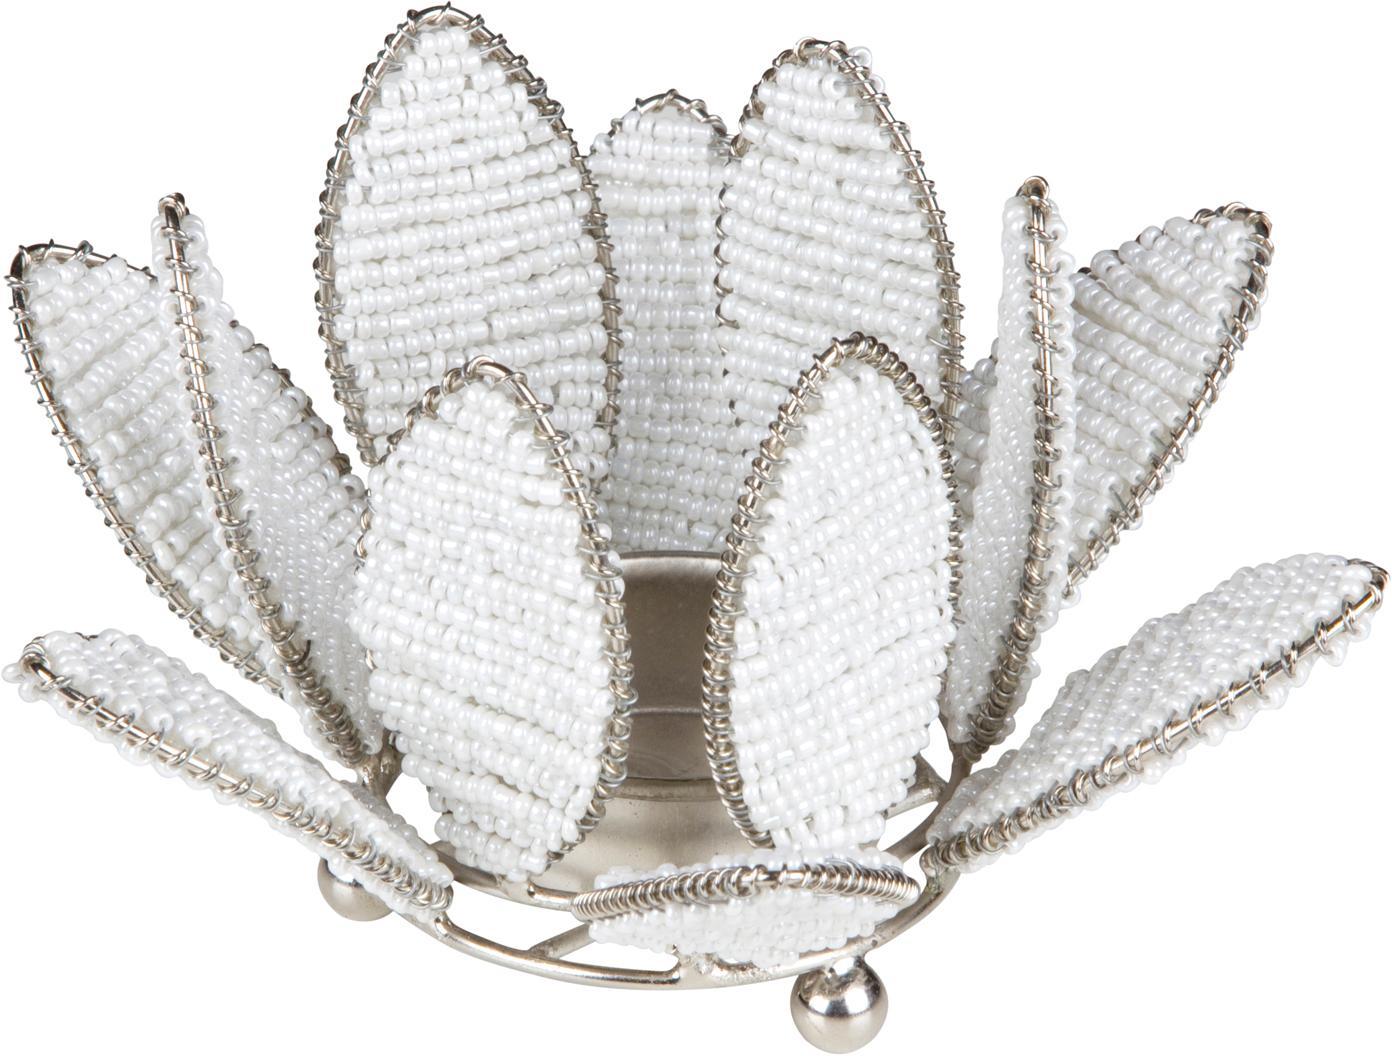 Teelichthalter Kei, Metall, Glasperlen, Weiß, Silberfarben, Ø 13 x H 9 cm